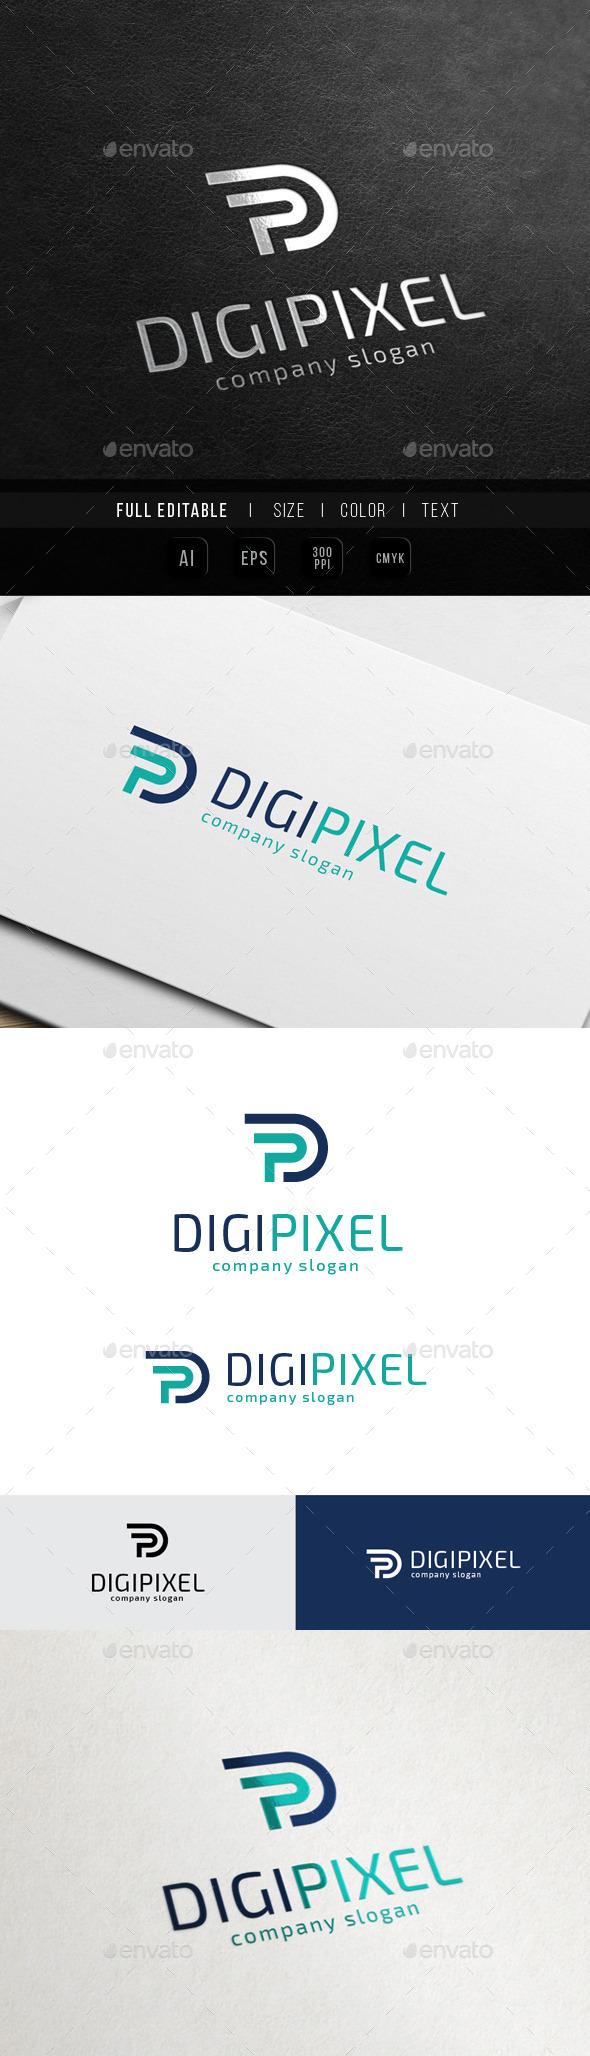 Digital Production - Letter P / PD - Letters Logo Templates